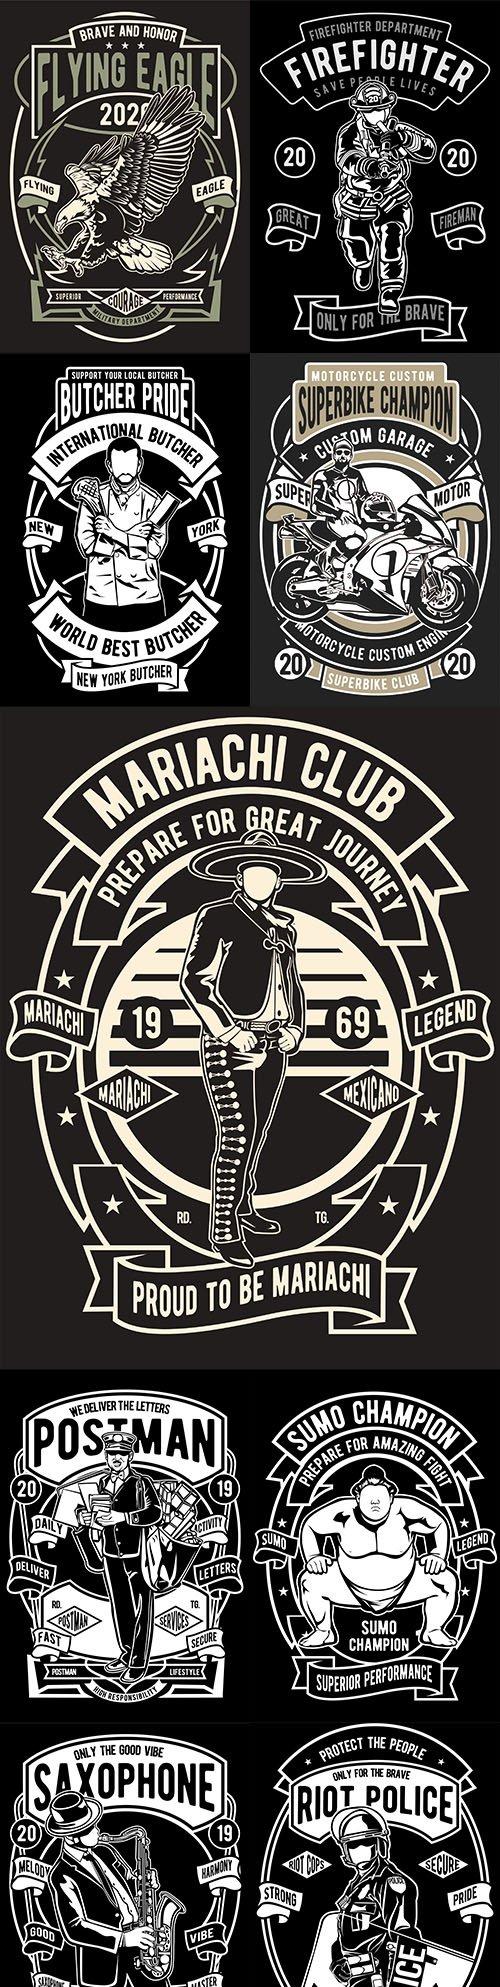 Vintage emblem monochrome design illustrations